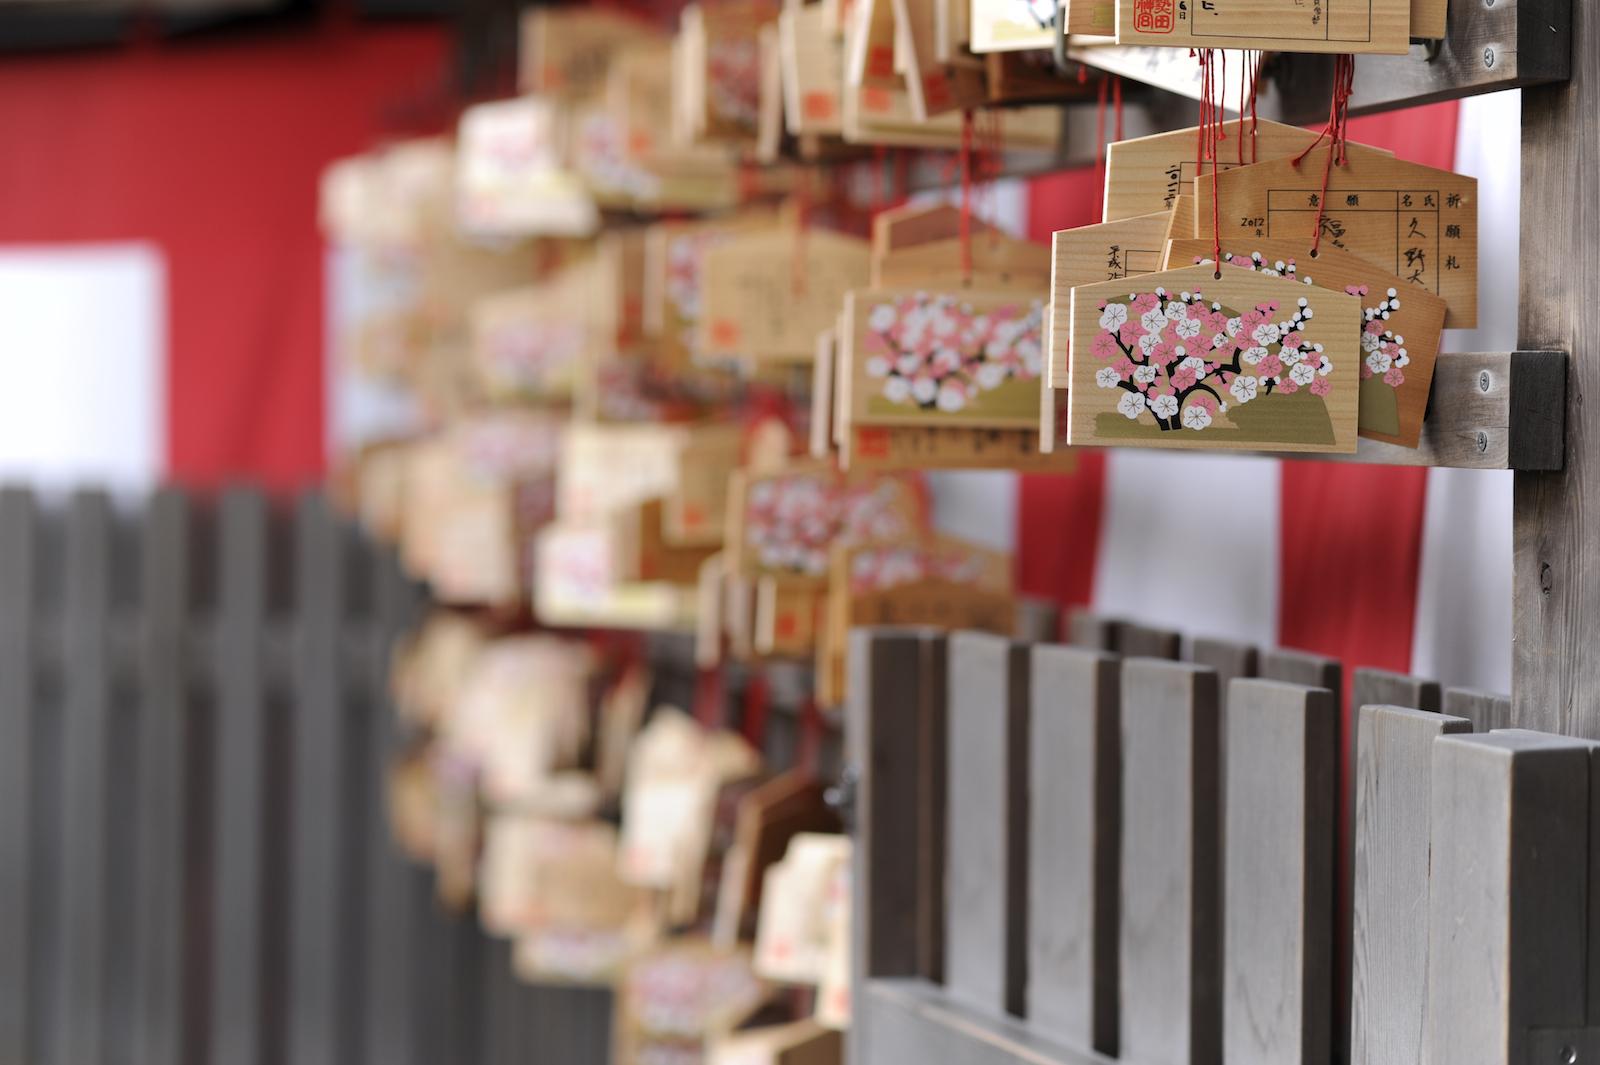 10 Things to do in Nagoya, Japan 04